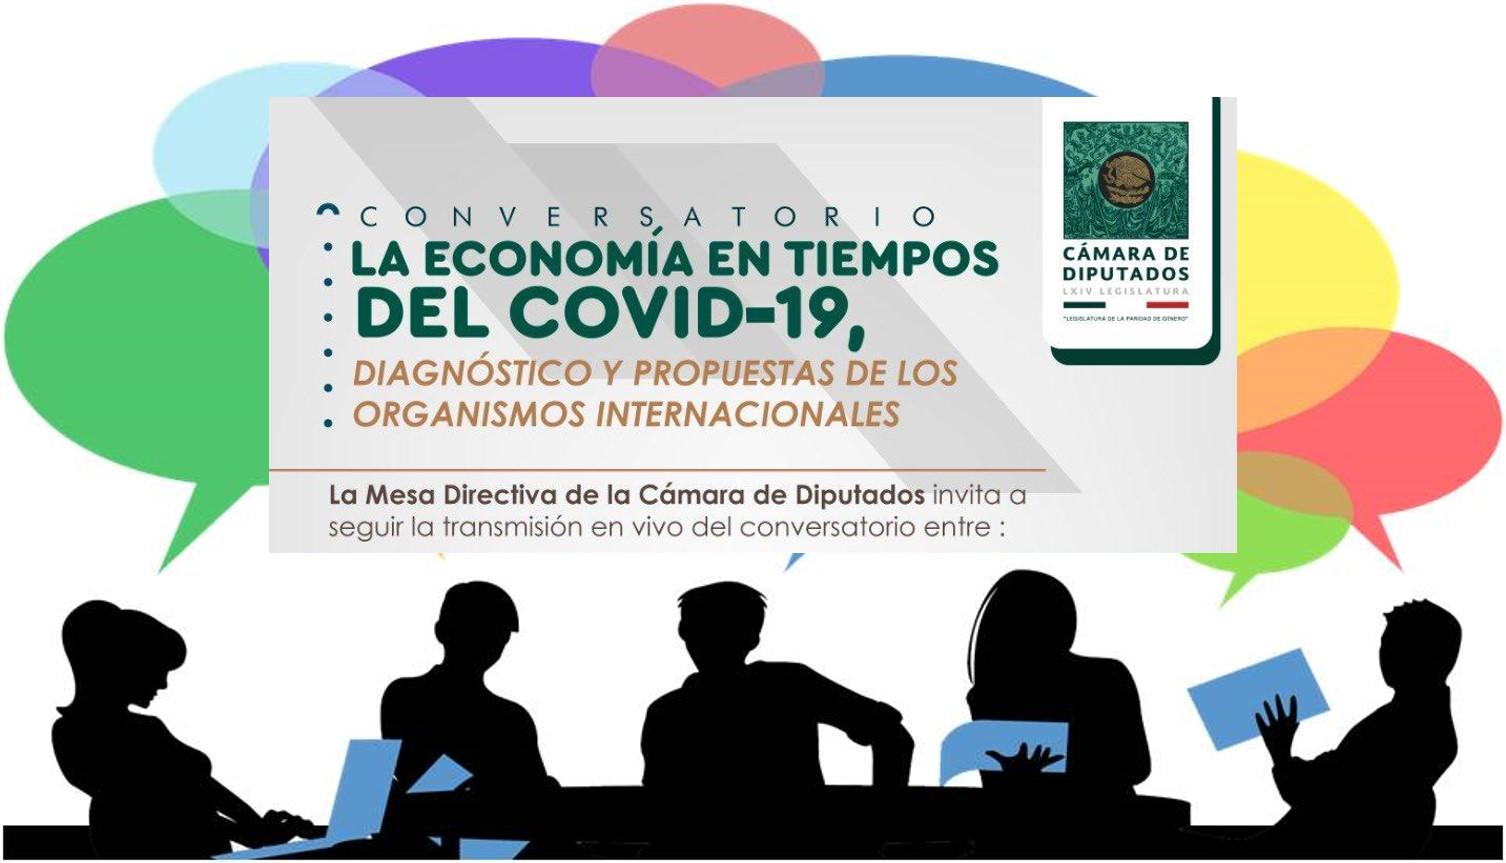 Conversatorios+con+organismos+internacionales+para+intercambiar+propuestas+frente+a+emergencia+sanitaria+